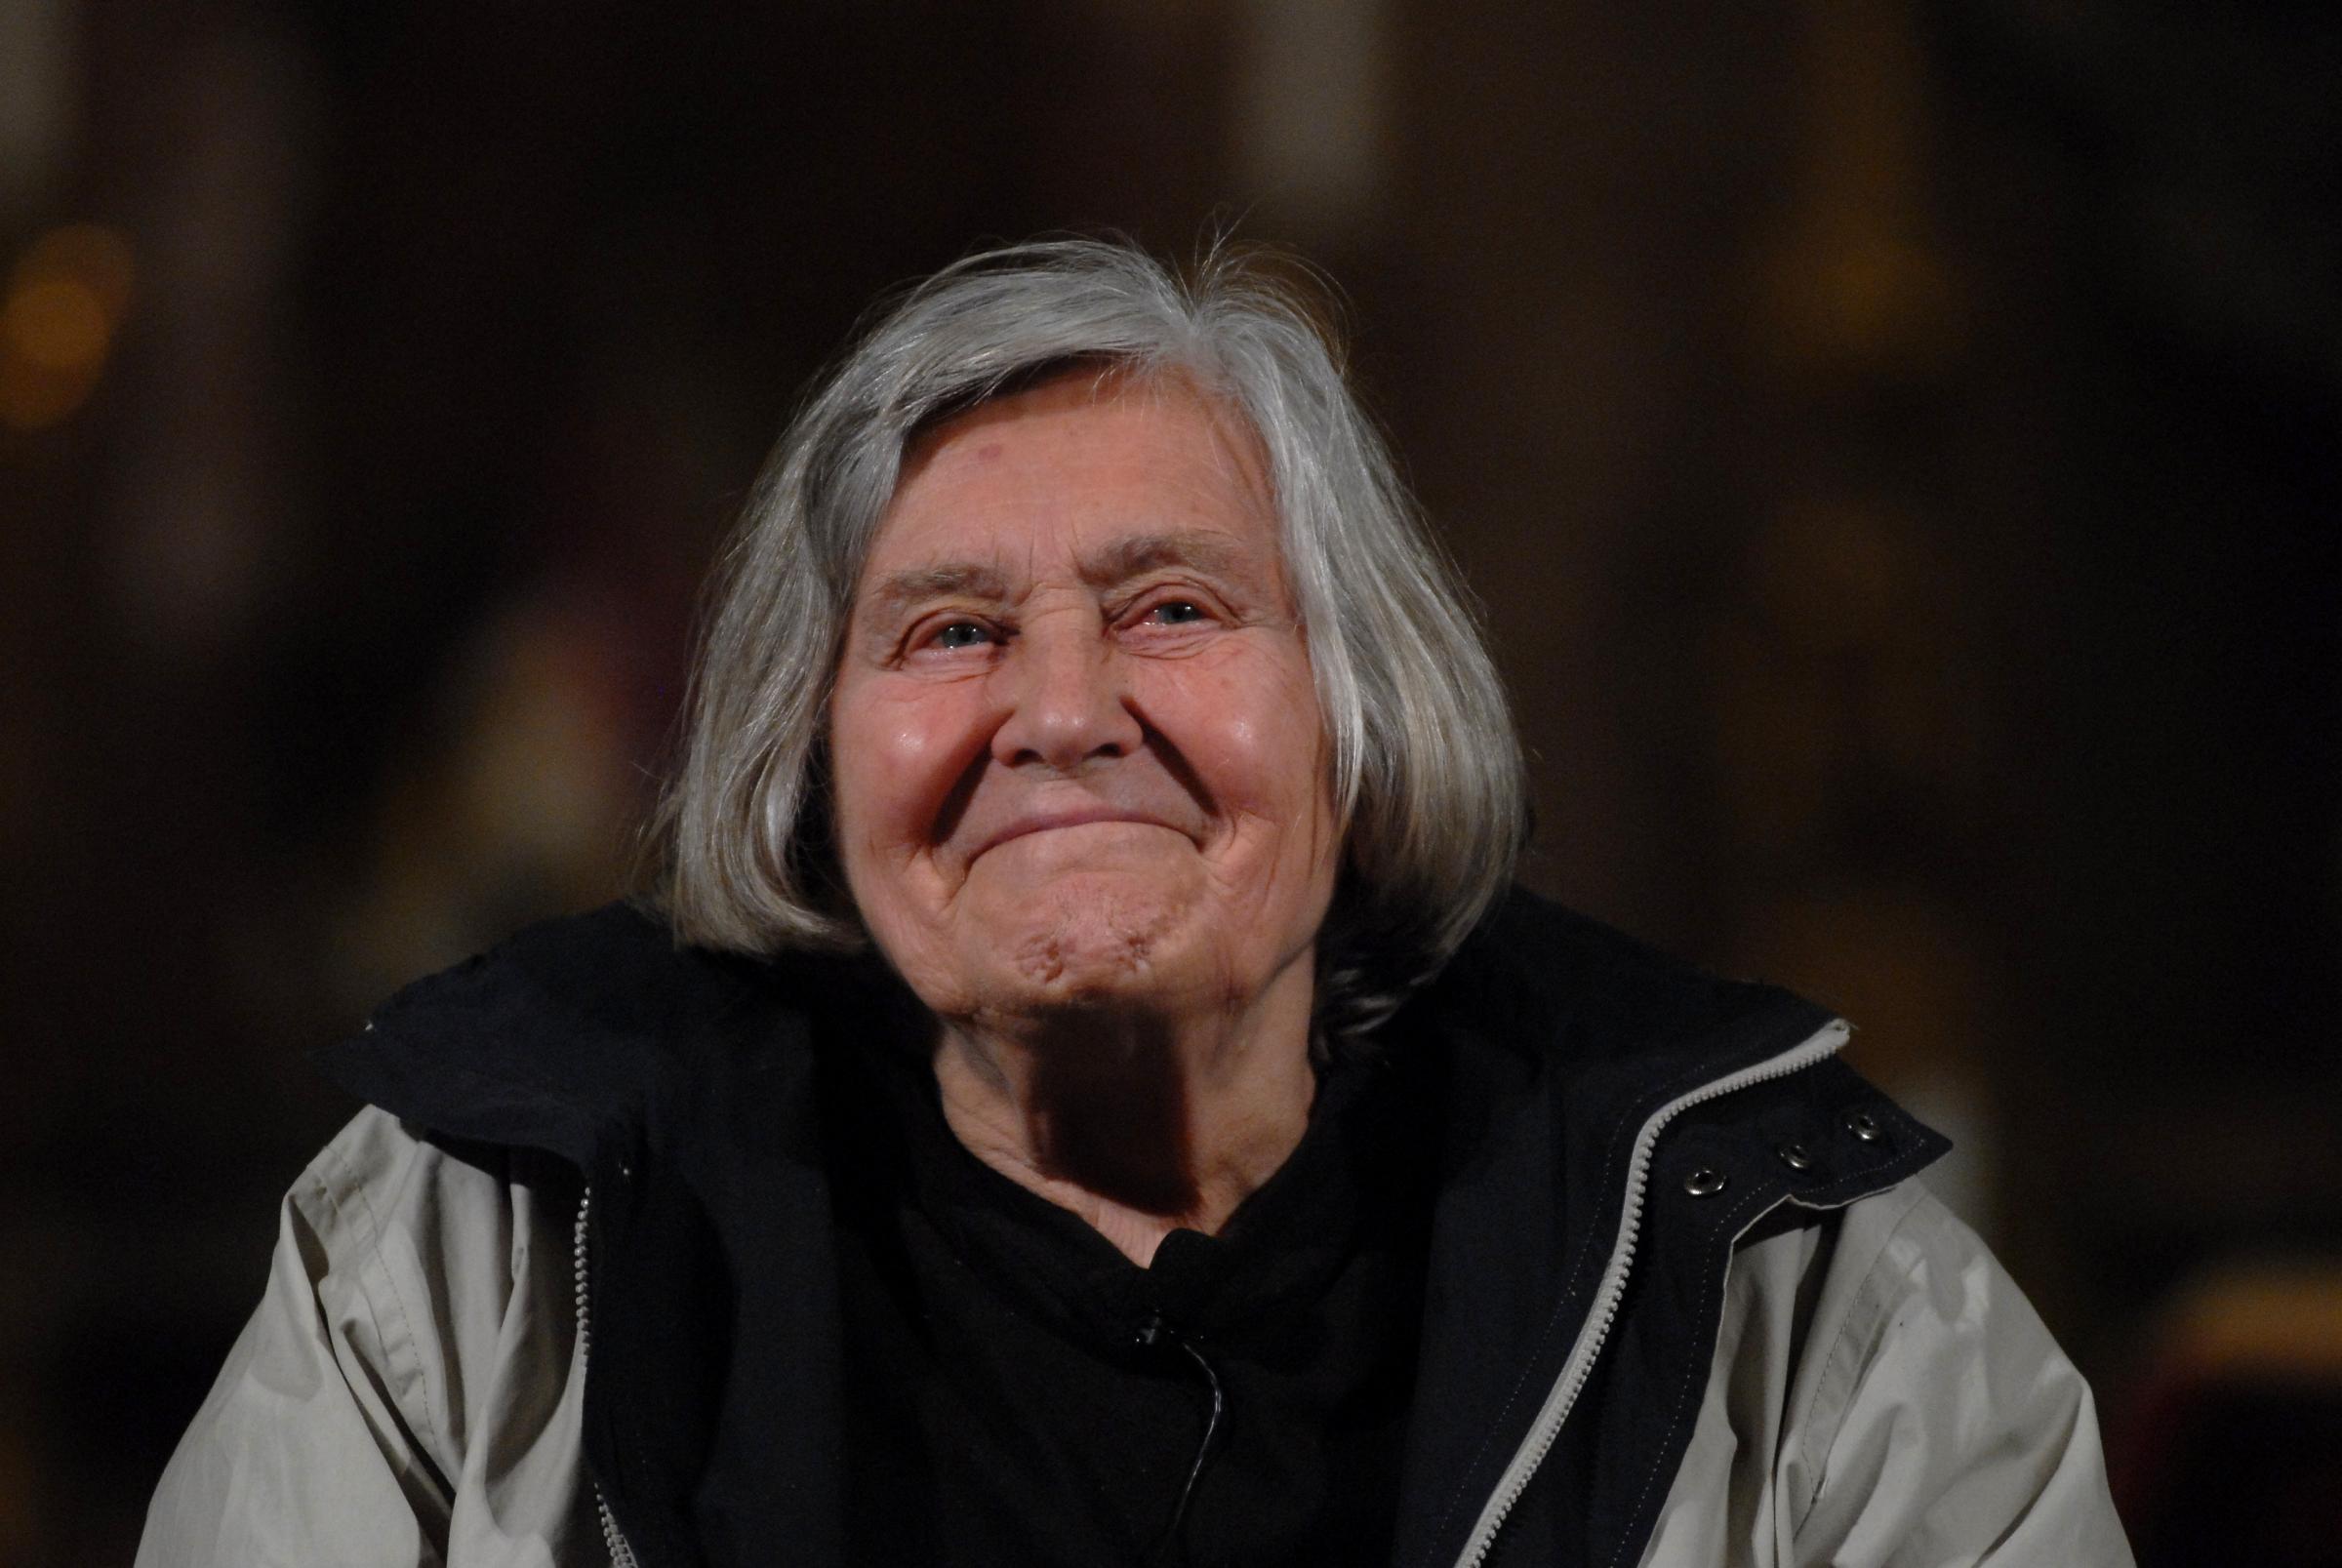 L'eredità di Margherita Hack: una scienziata razionalista innamorata dell'universo